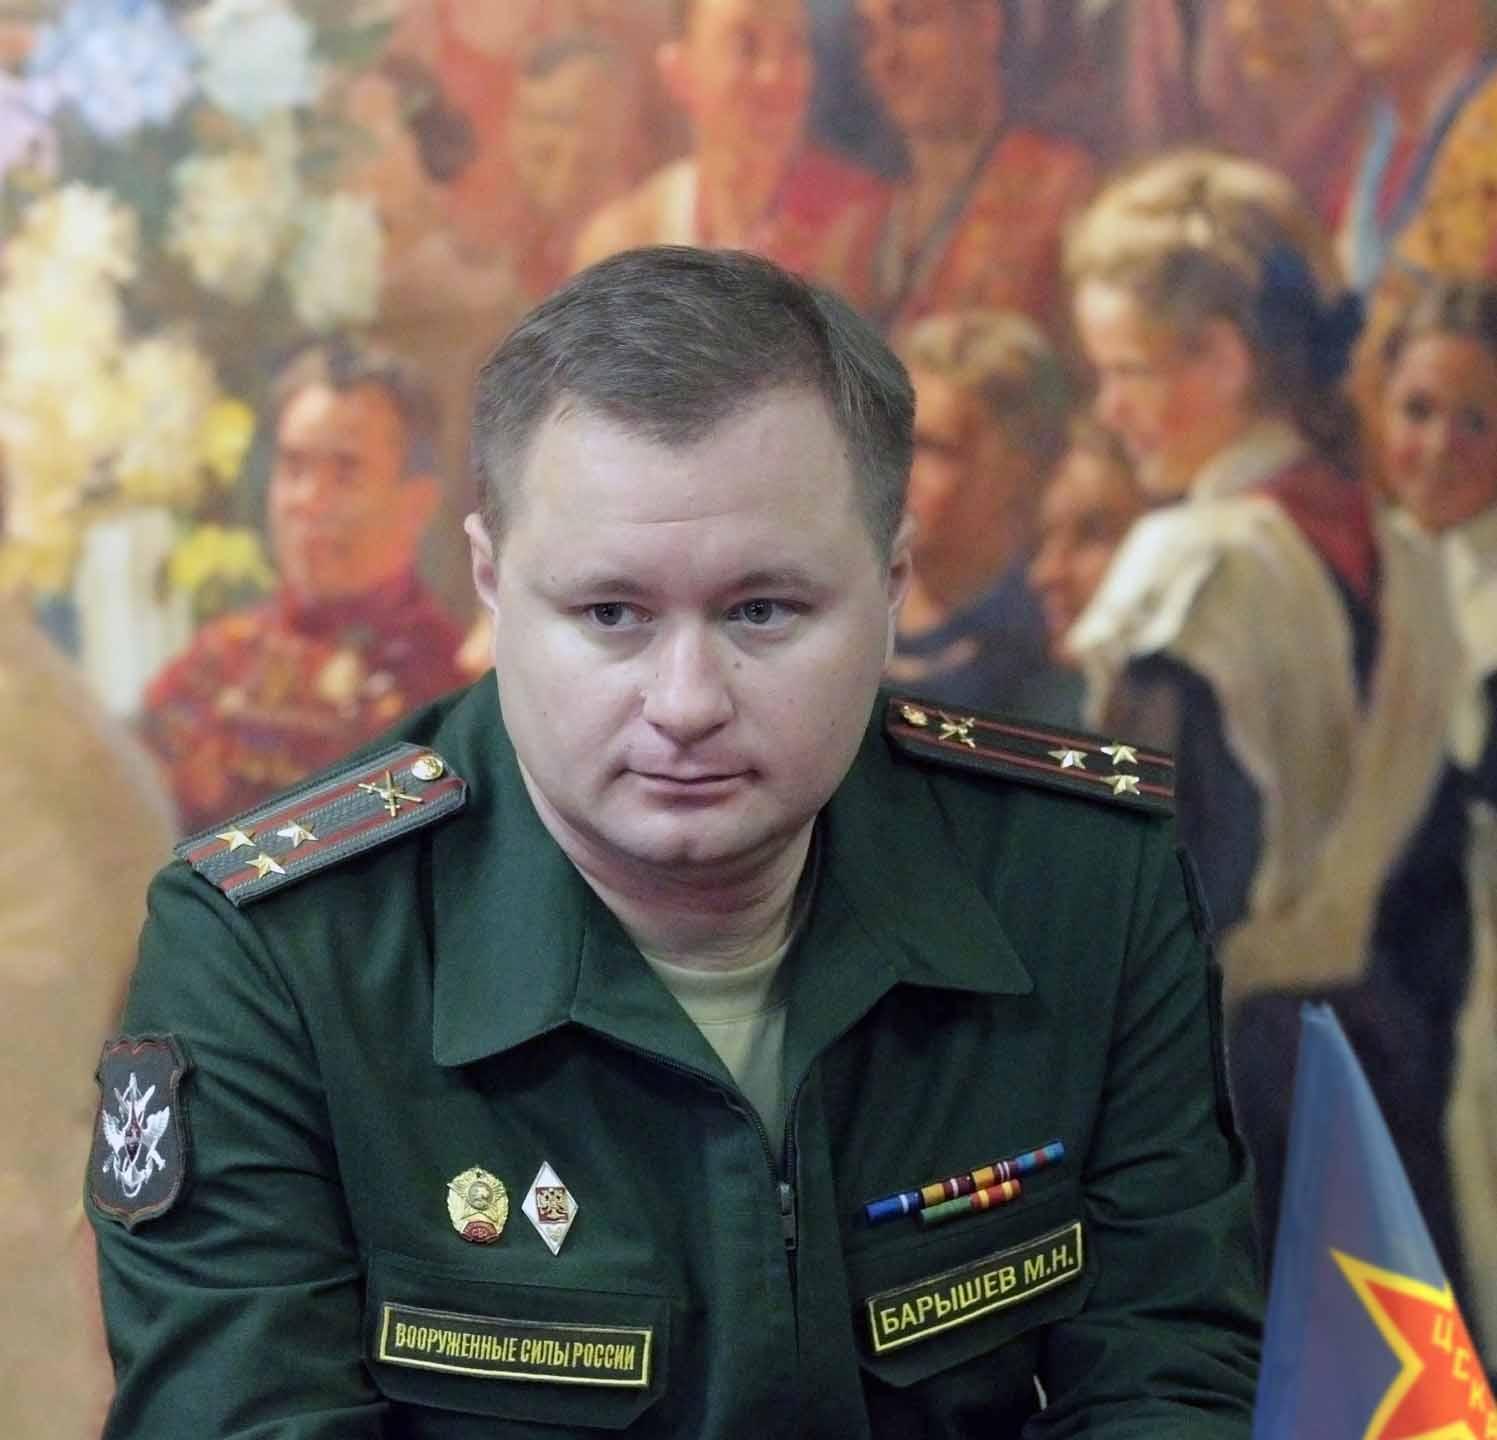 Русское мировоззрение: Попечители «Юнармии» в лицах: Михаил Барышев за молодежь